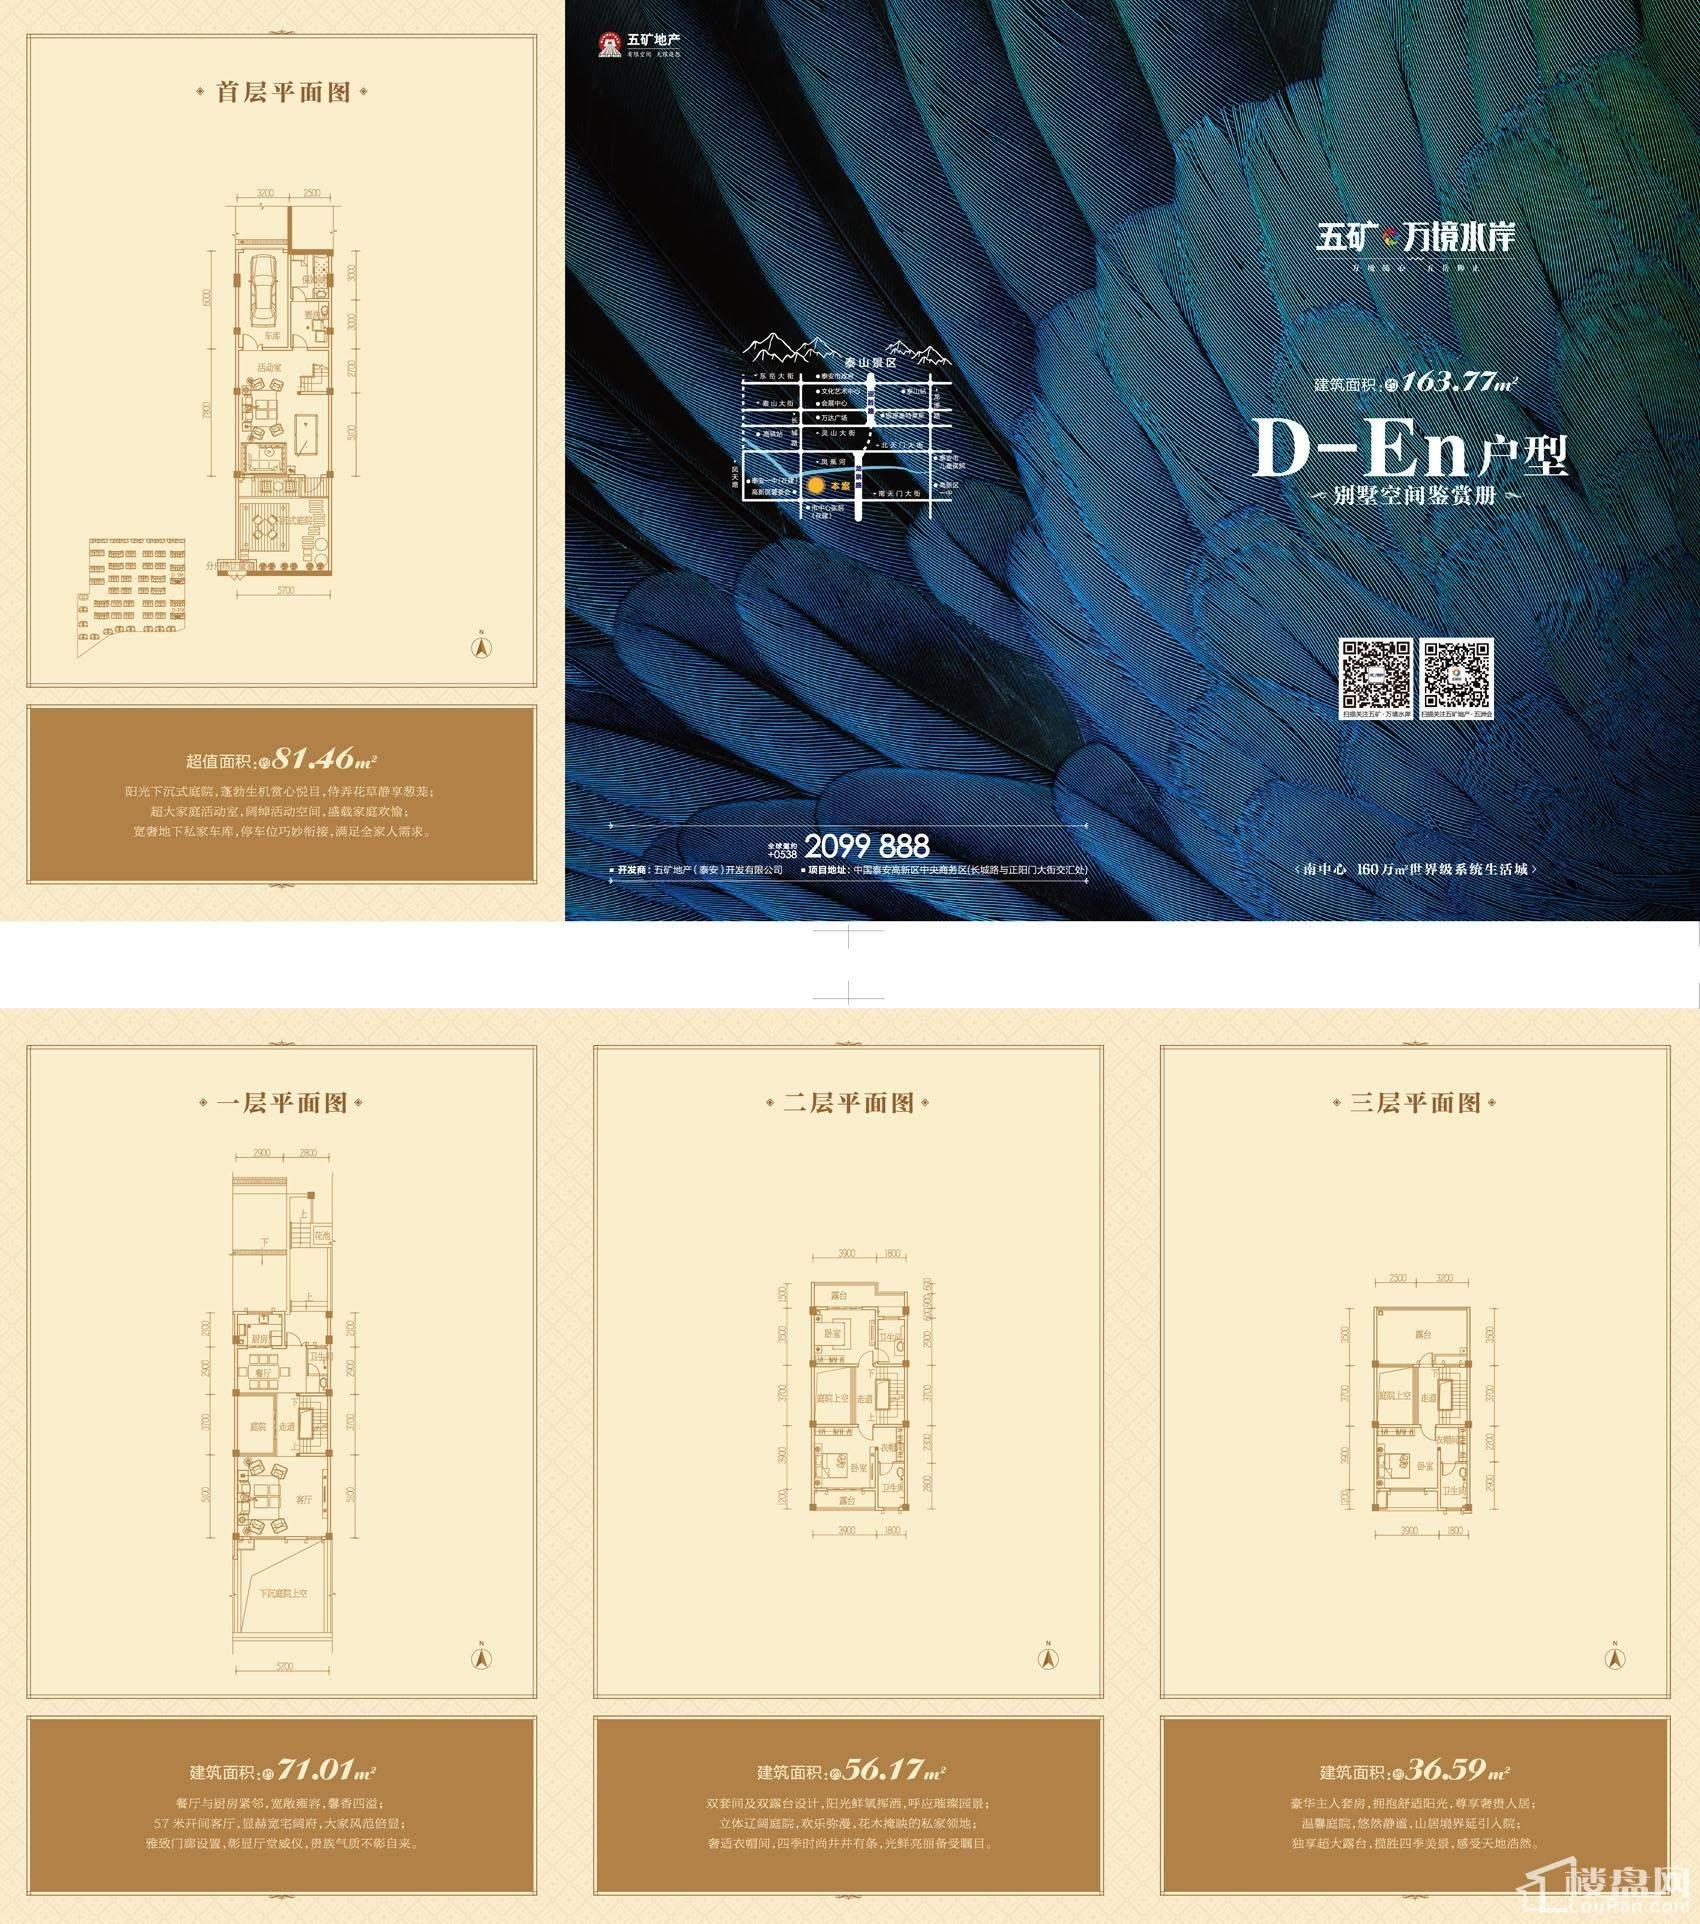 别墅户型D-En地上建筑面积163.77+赠送面积81.46